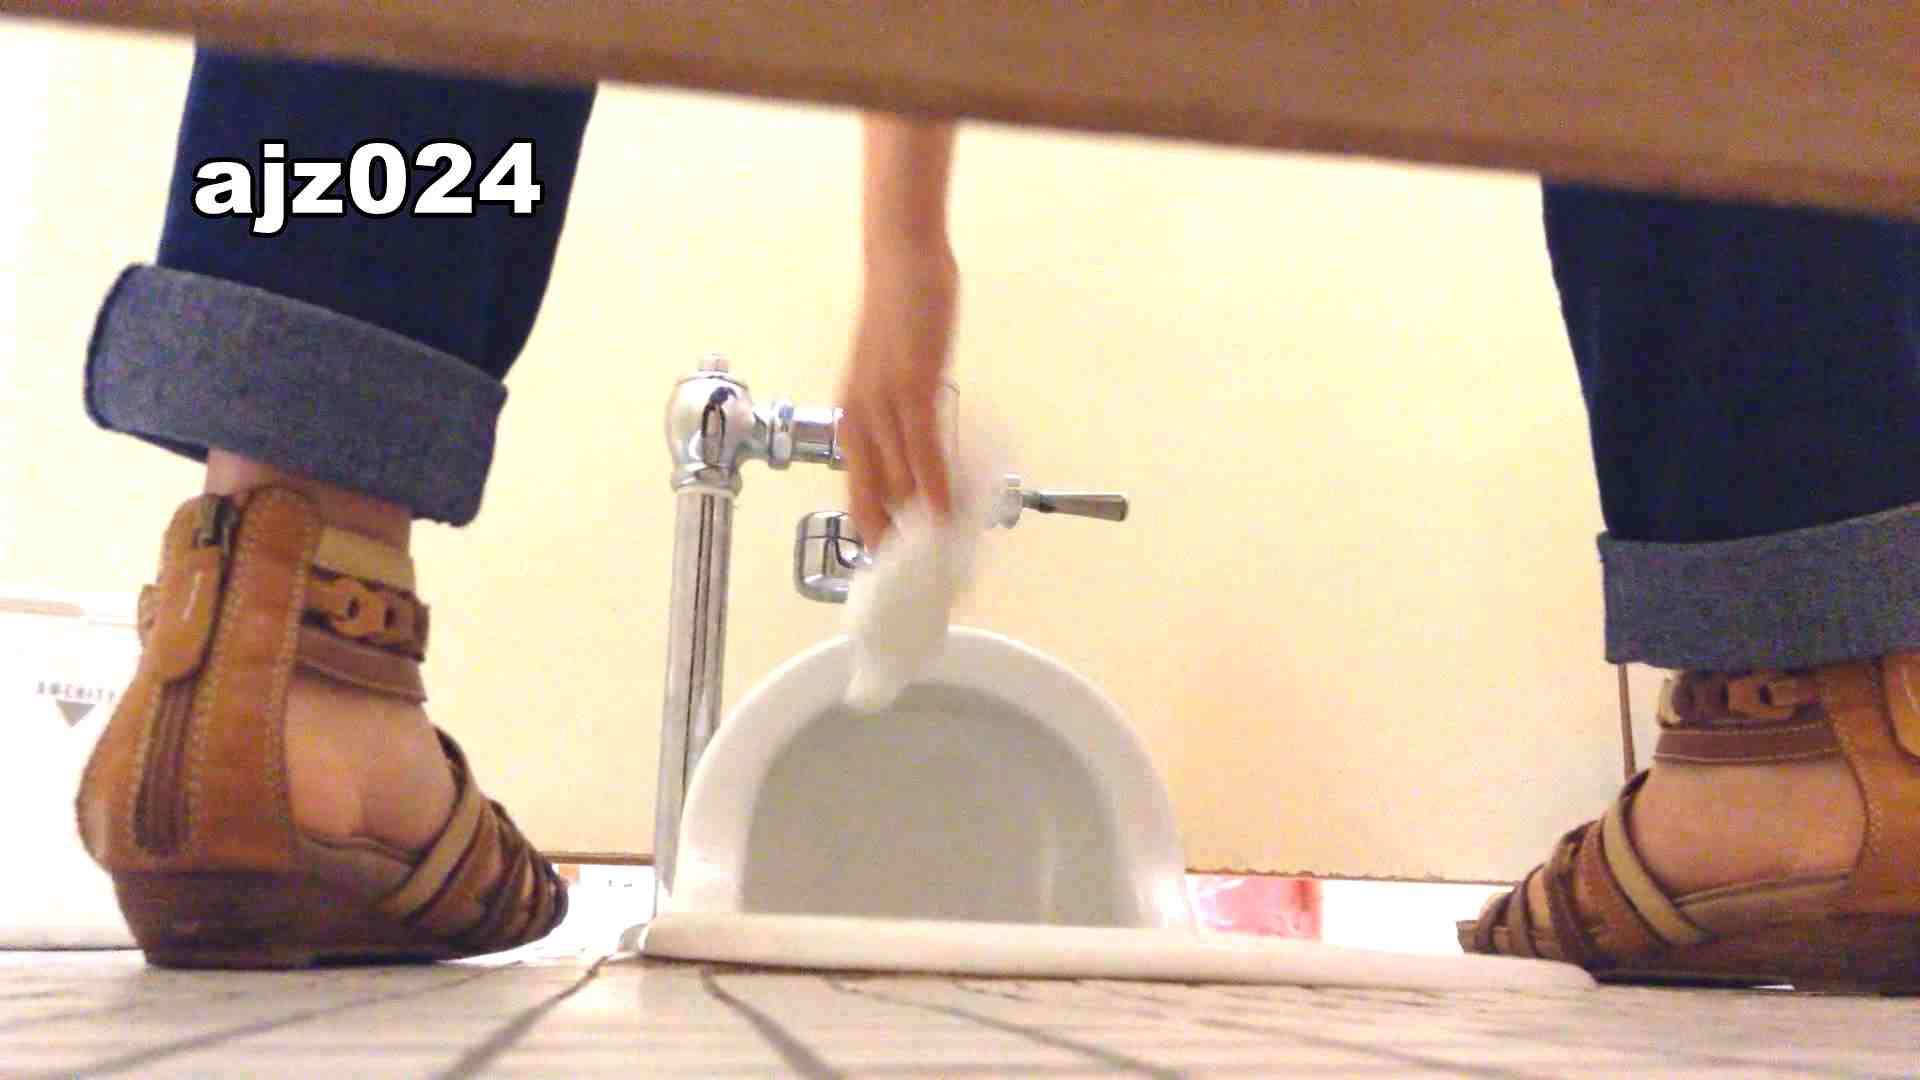 某有名大学女性洗面所 vol.24 洗面所 AV無料動画キャプチャ 56PIX 26